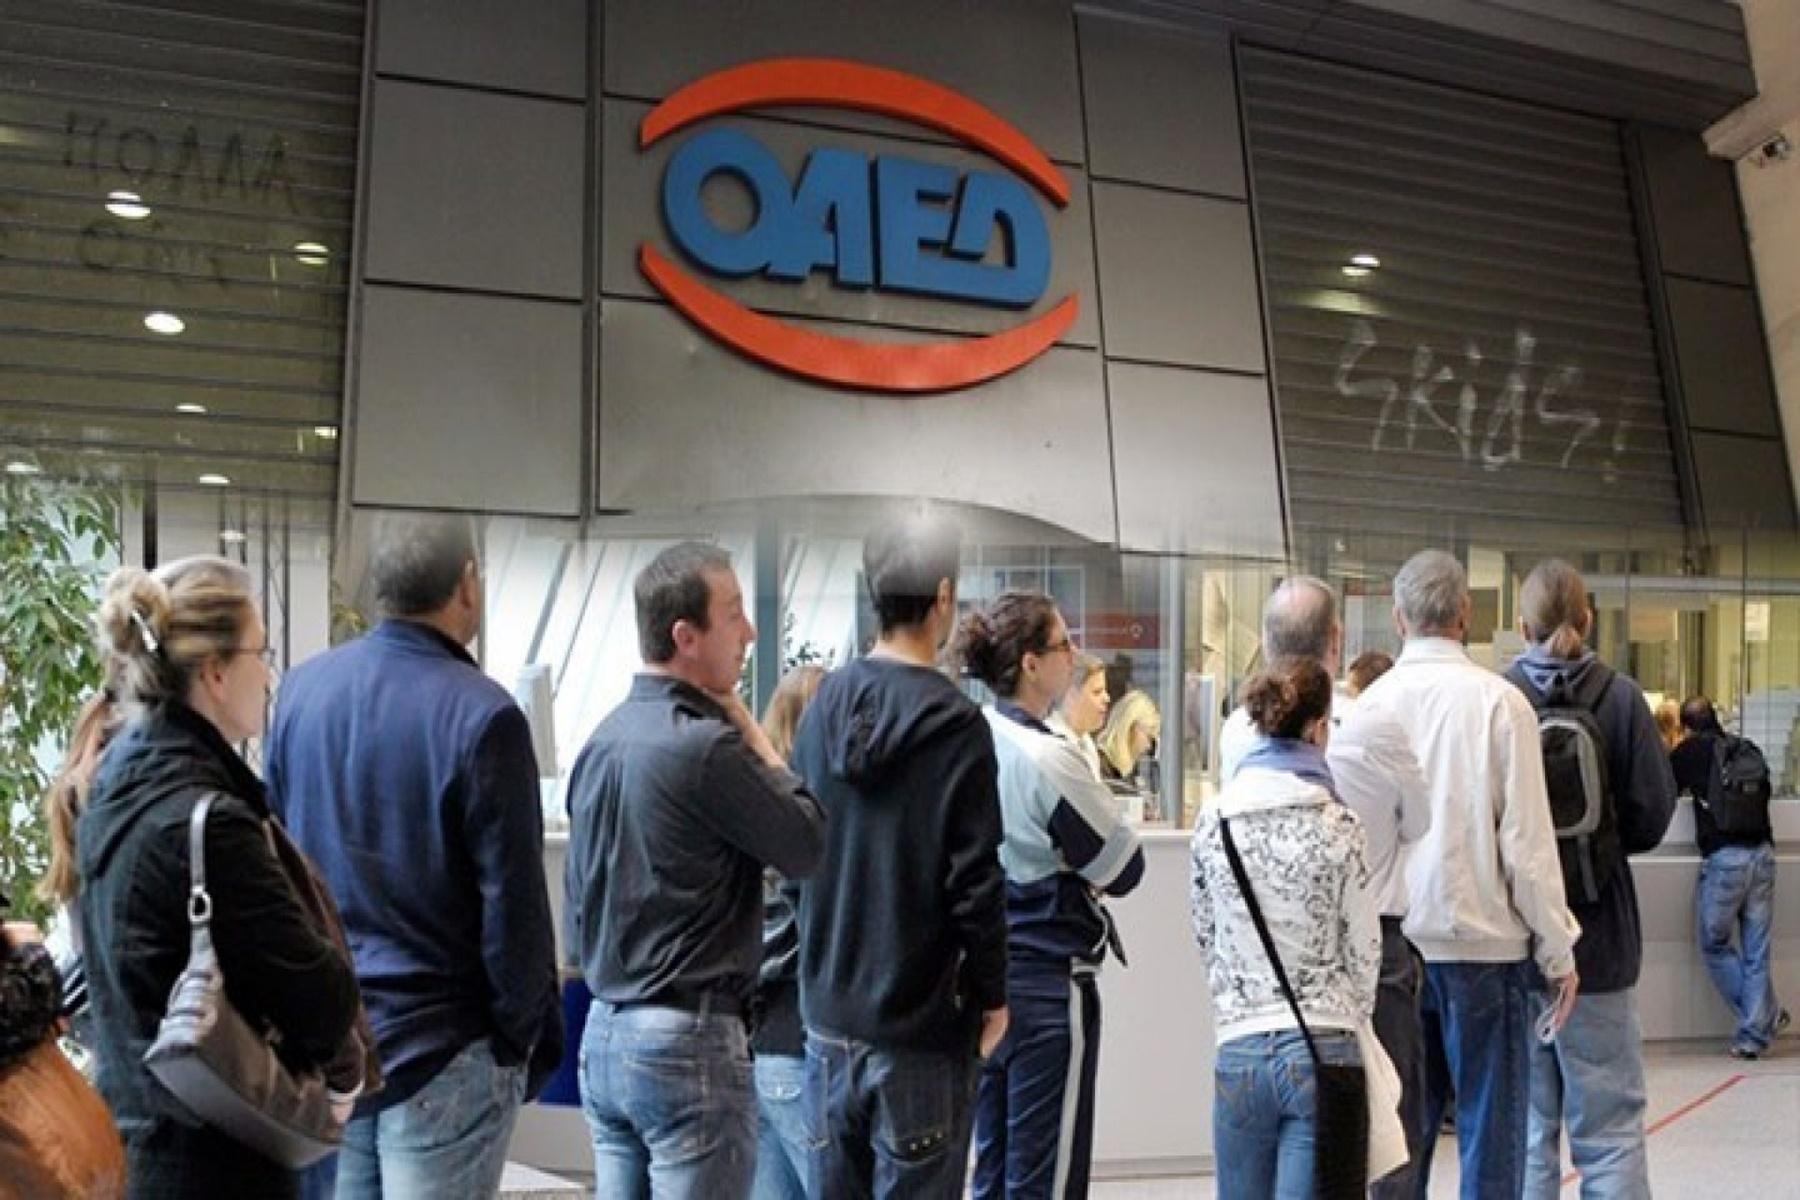 ΟΑΕΔ Πρόγραμμα απόκτησης εργασιακής εμπειρίας : Παράταση των αιτήσεων για την καταβολή αποζημίωσης